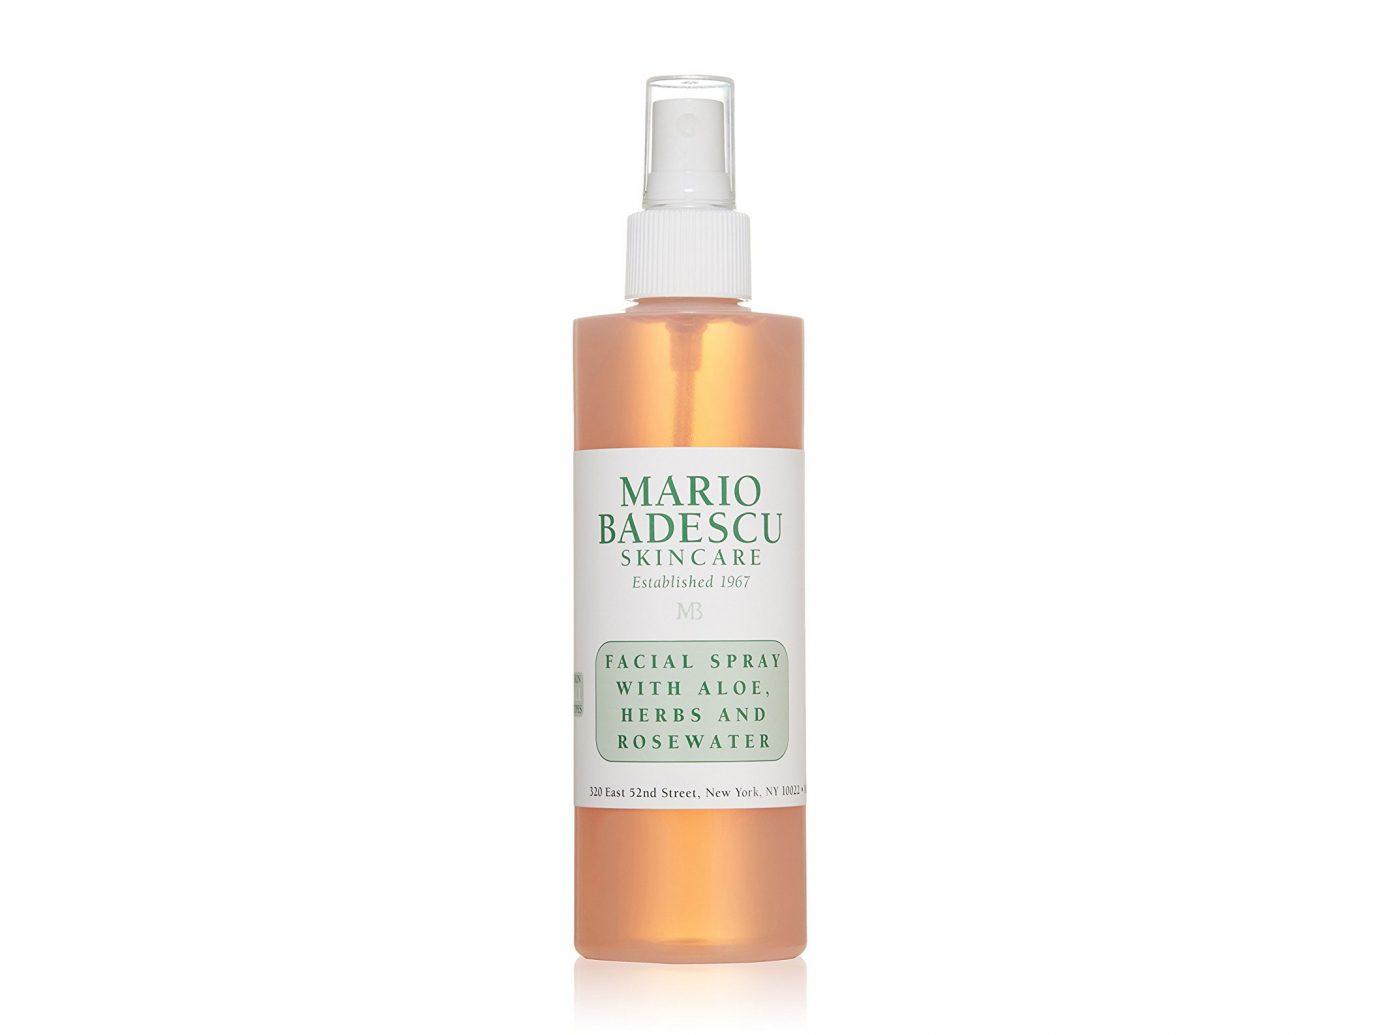 Mario Badescu Facial Spray with Aloe Herbs and Rosewater